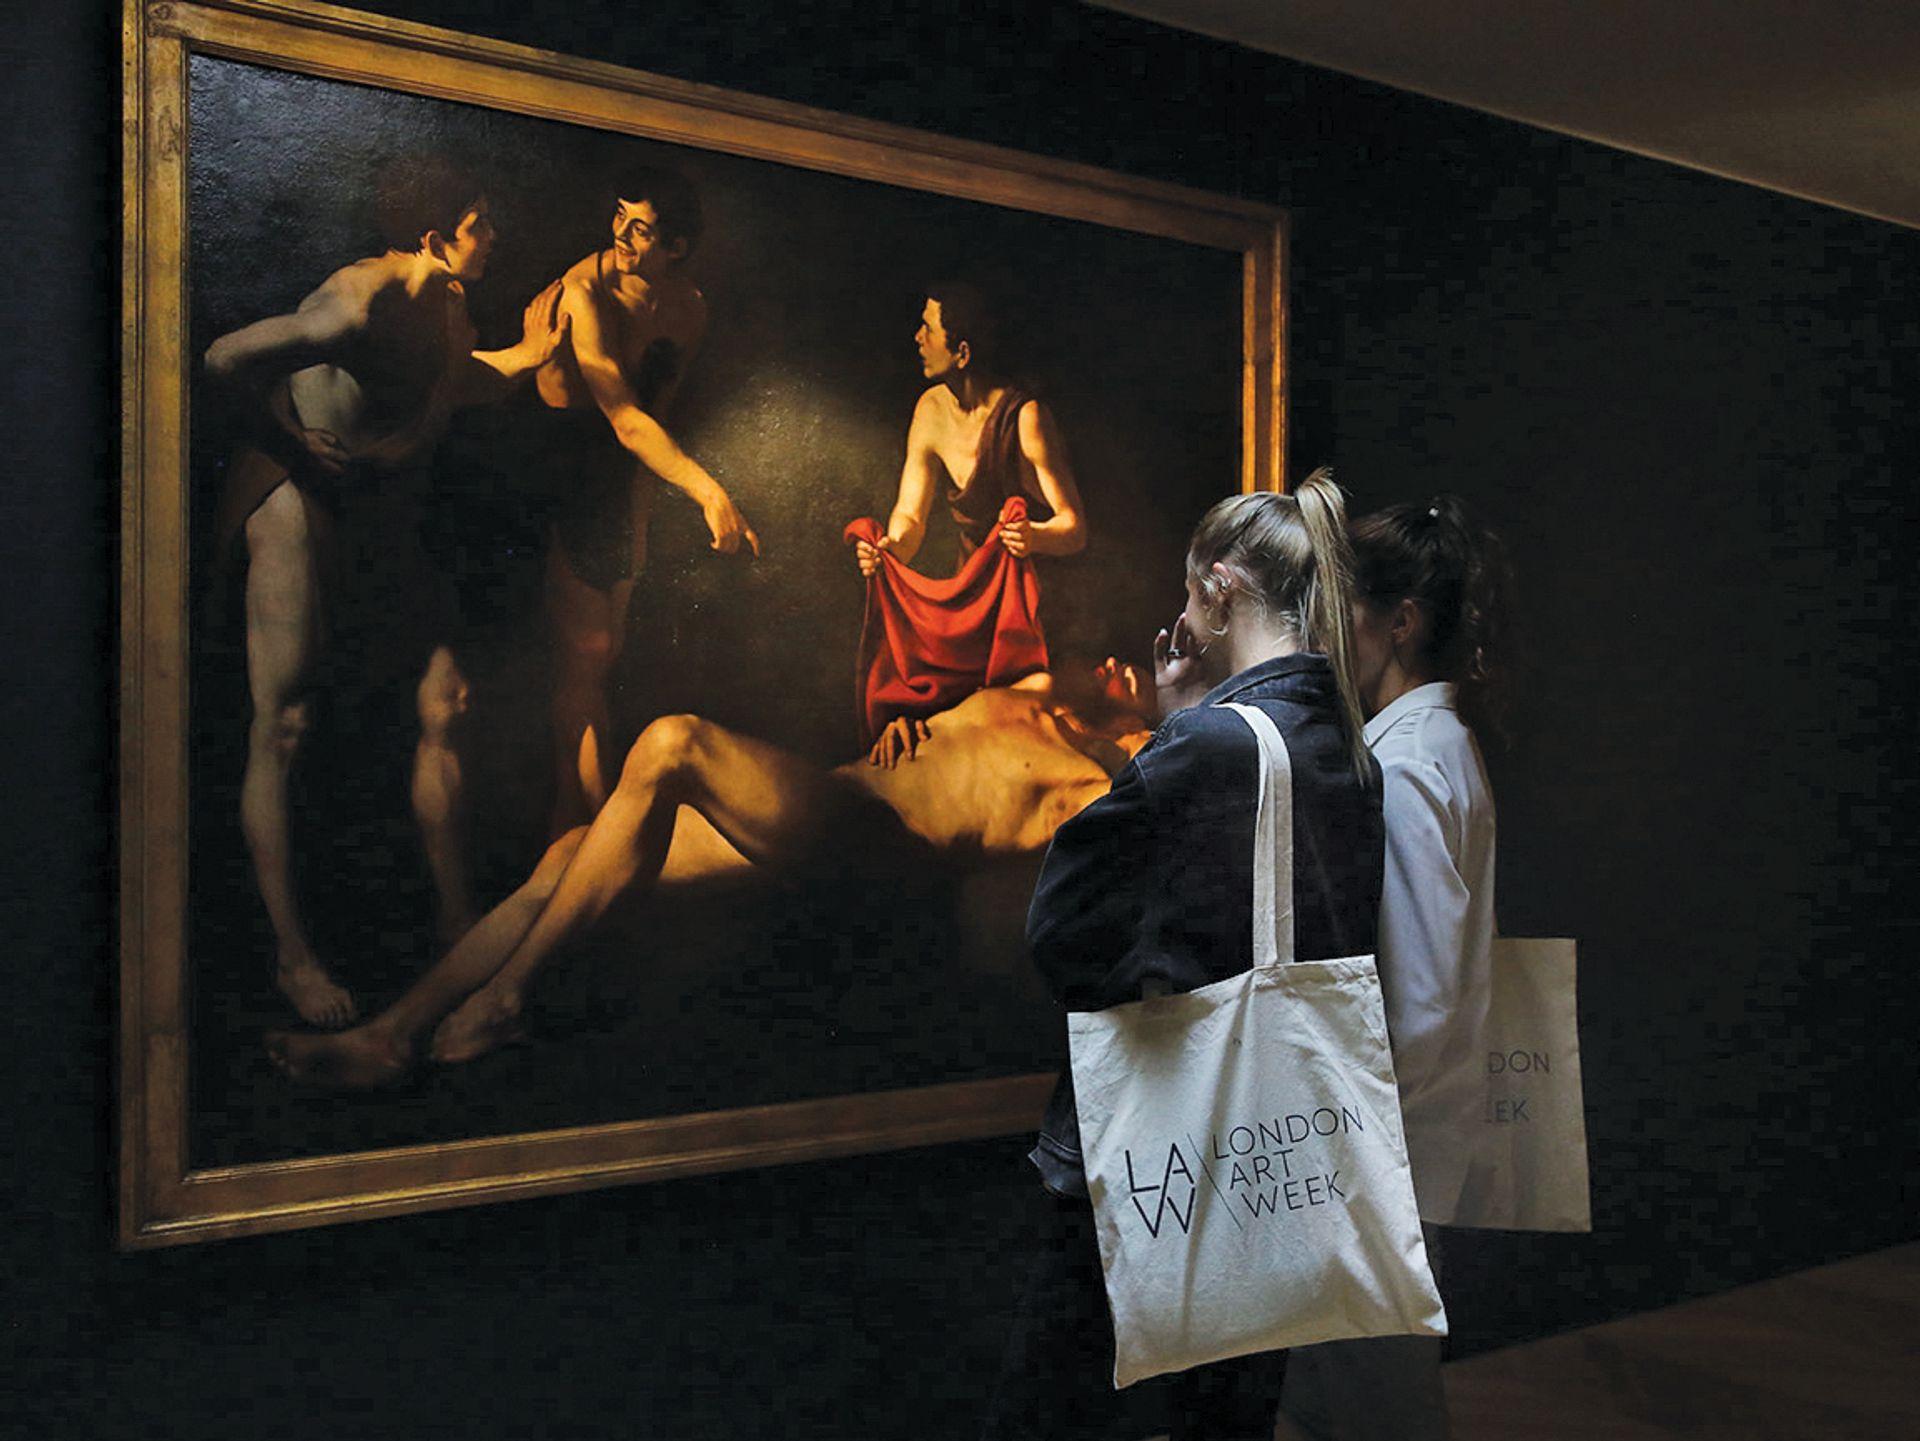 London Art Week visitors in July this year London Art Week